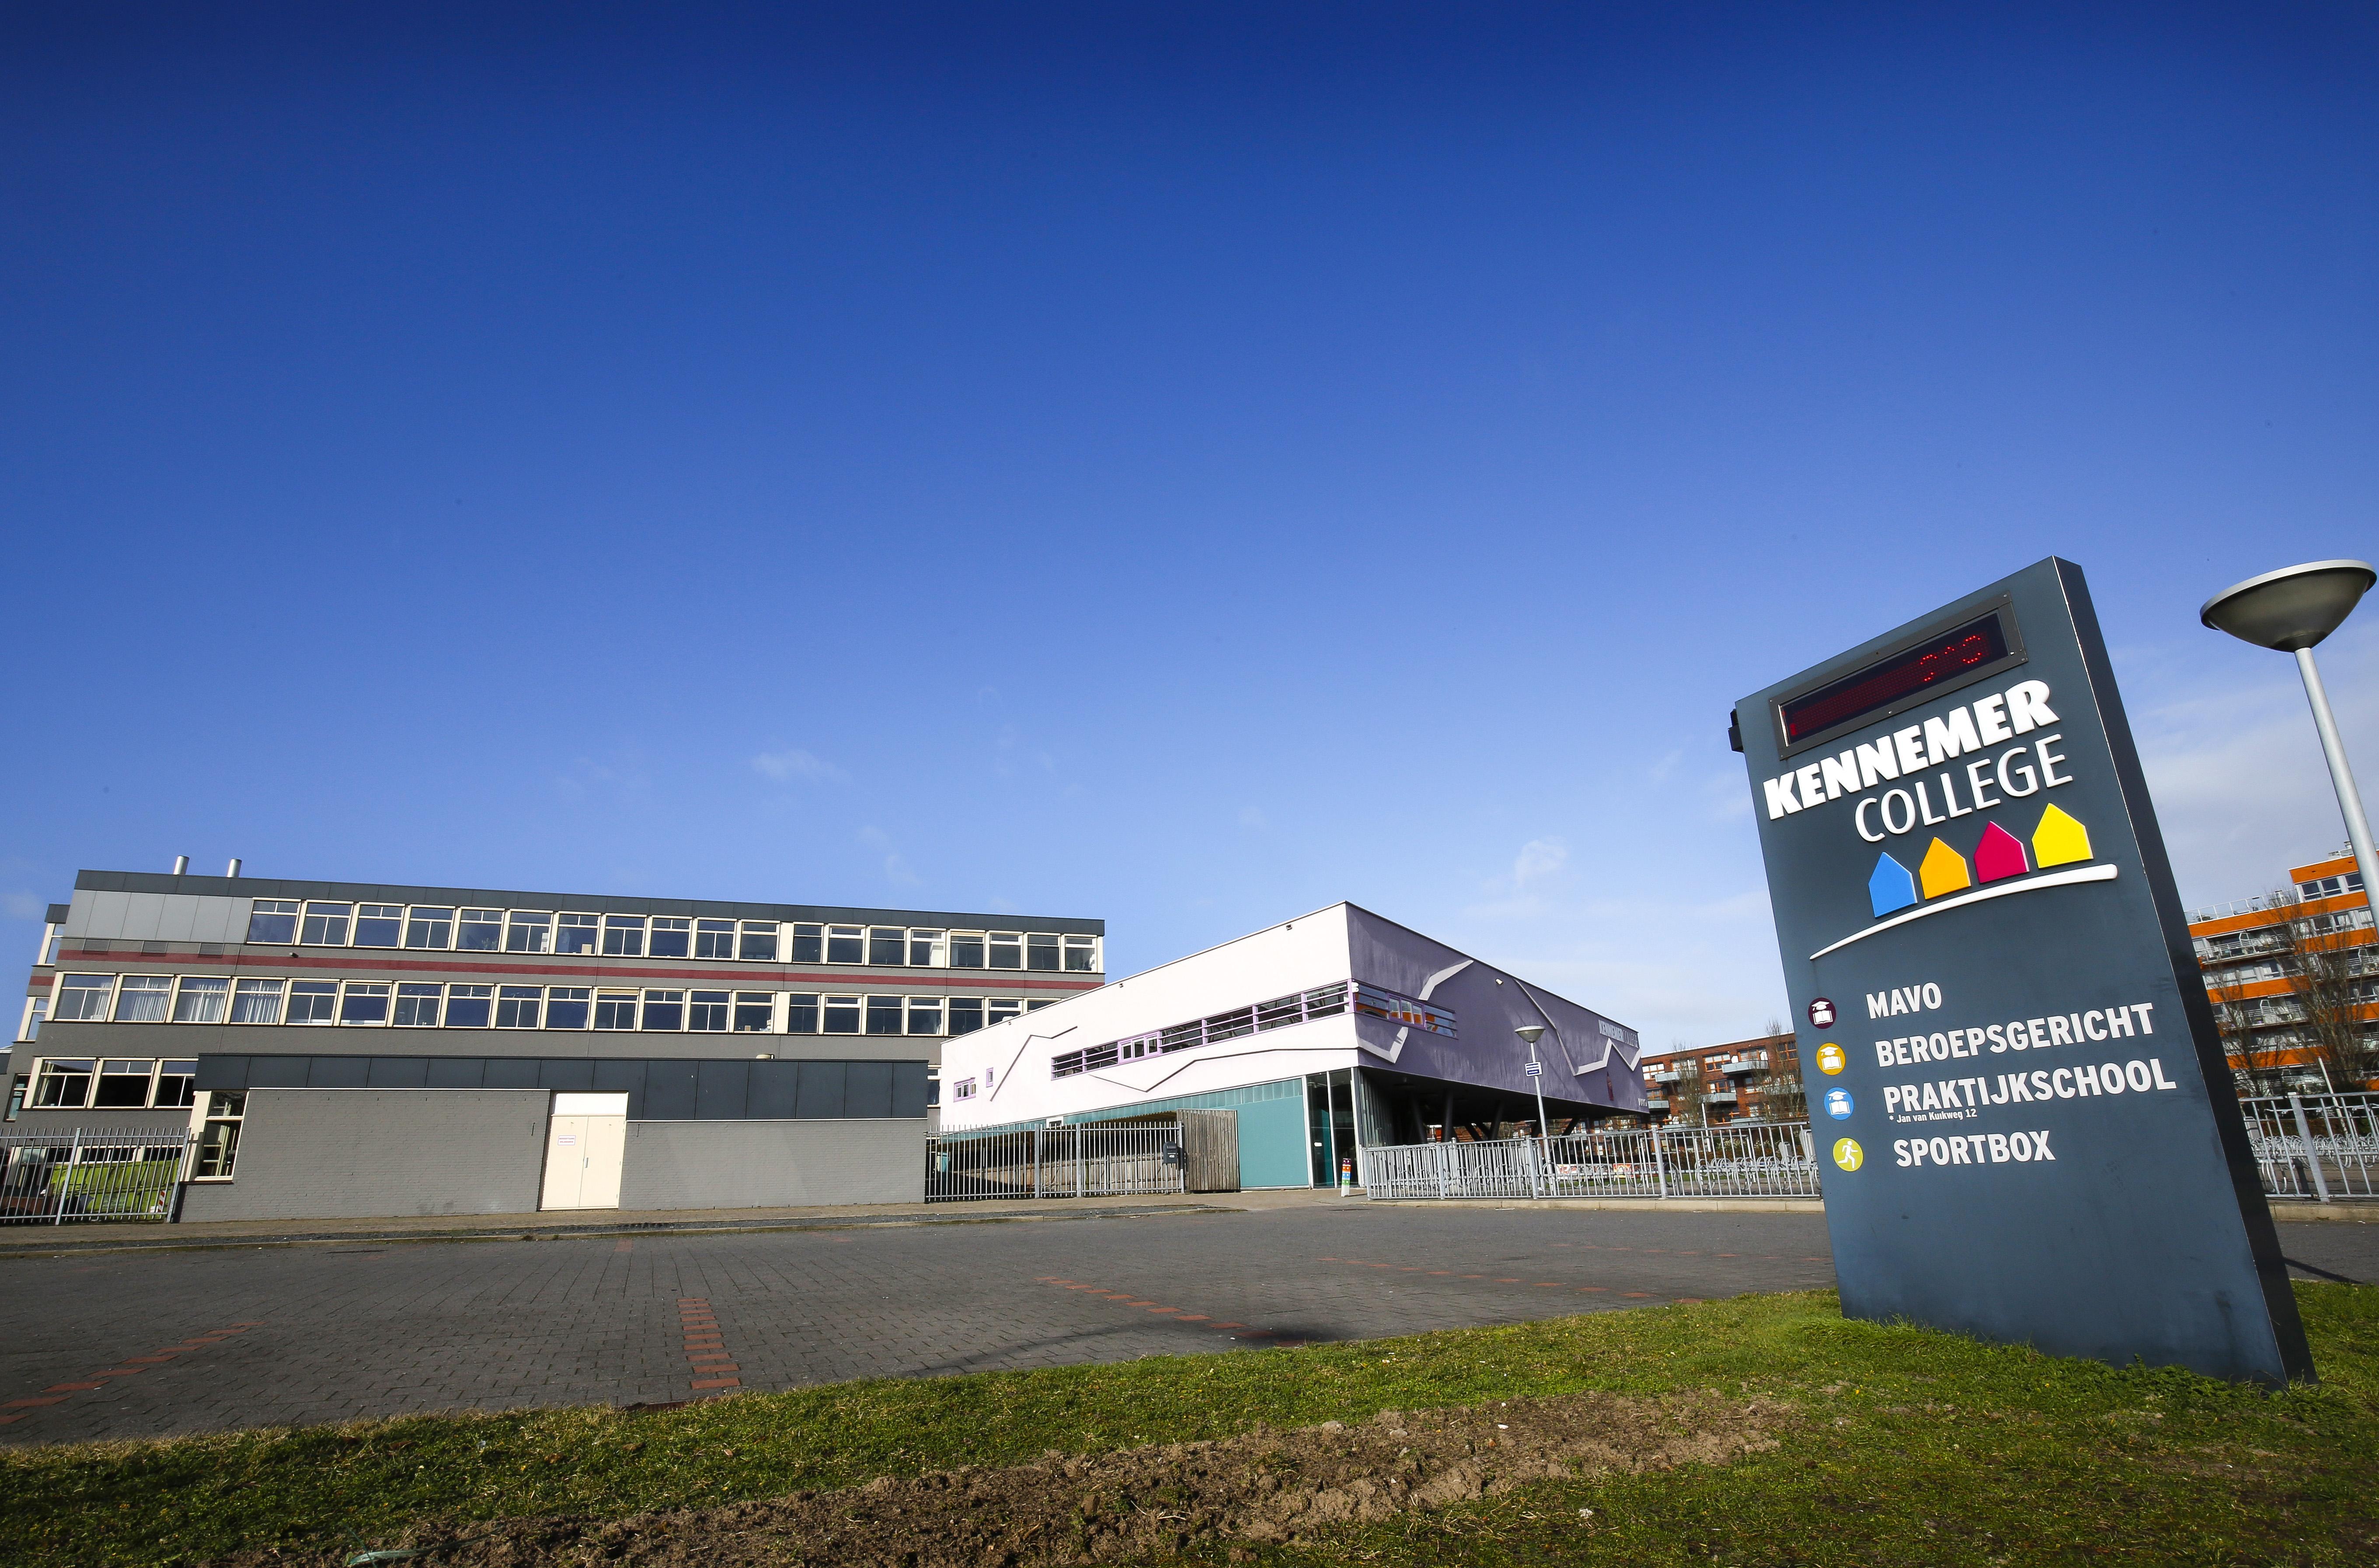 'Weinig kinderen thuisgehouden na coronabesmetting op Kennemer College Heemskerk'